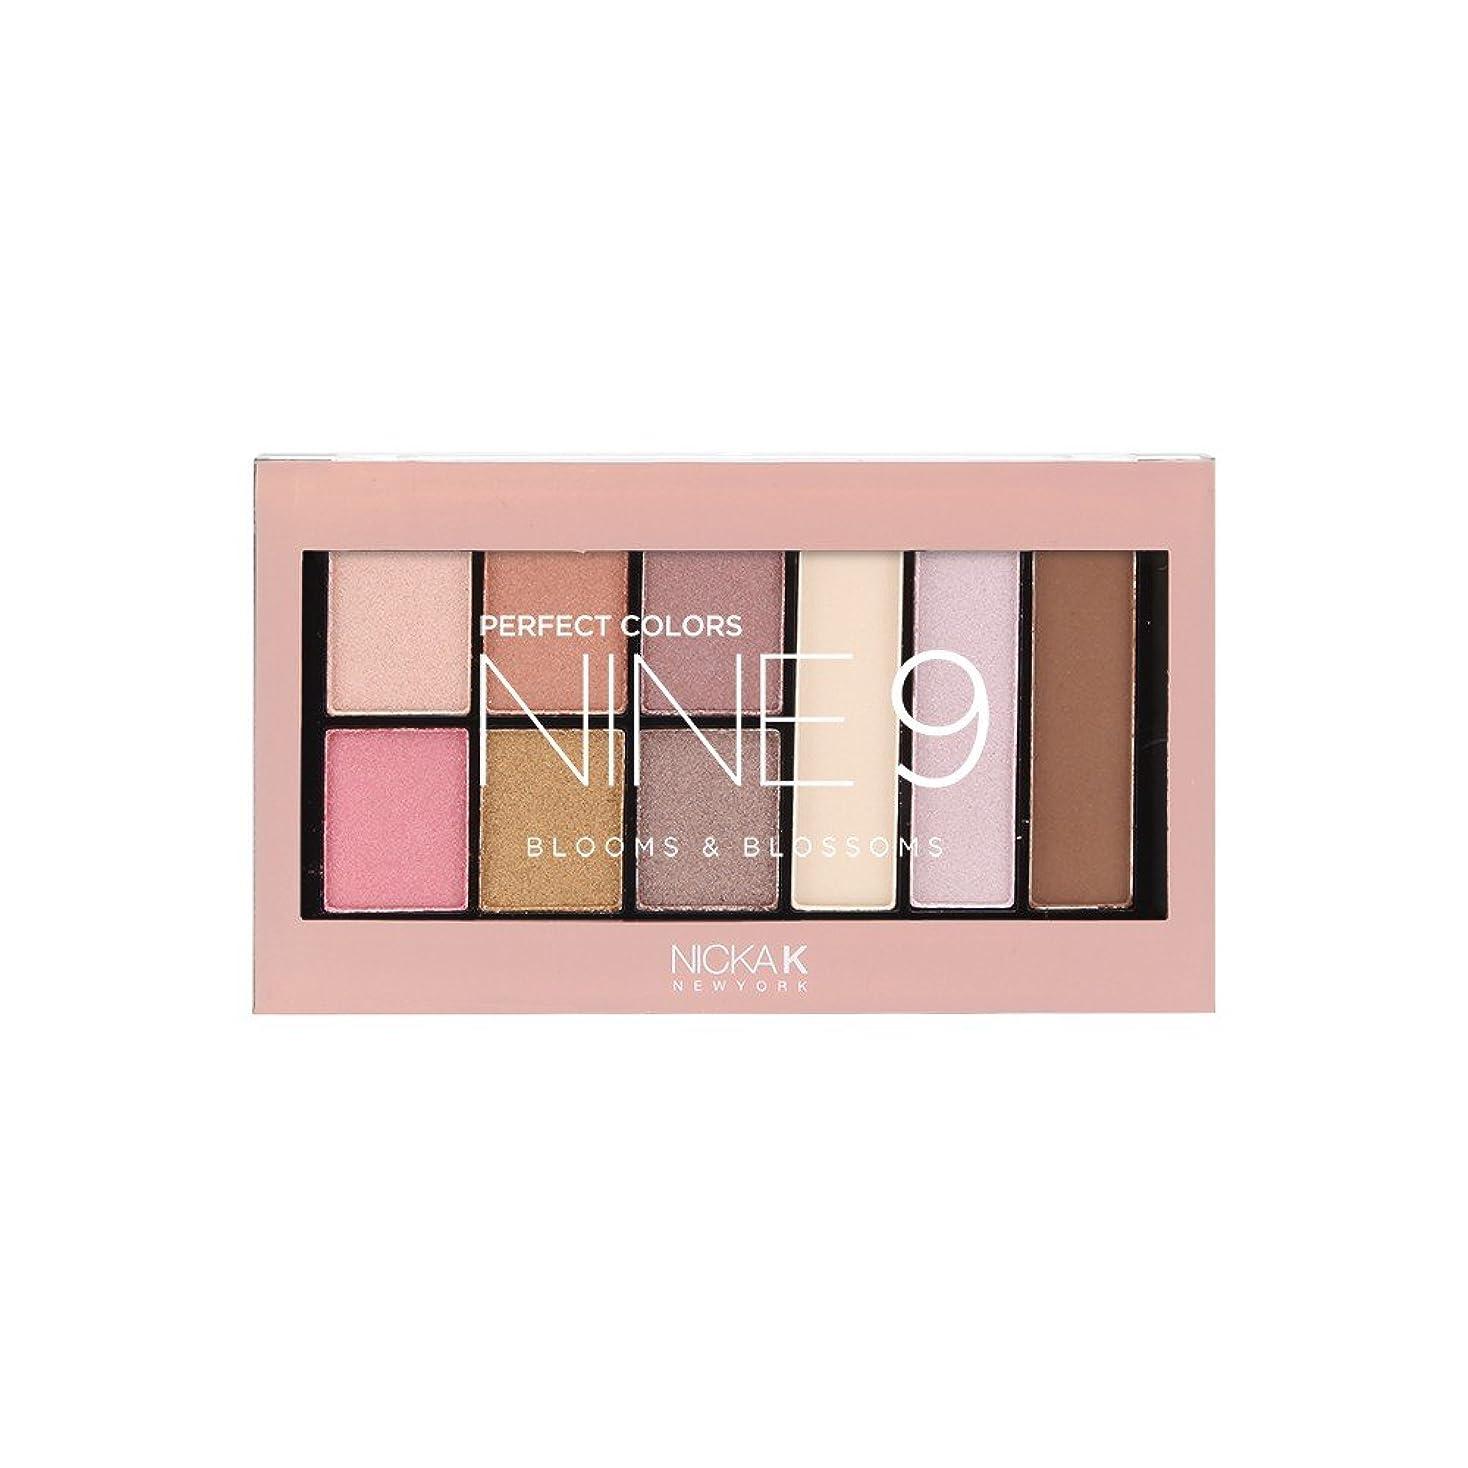 荒廃する値下げ考えた(3 Pack) NICKA K Perfect 9 Blooms & Blossoms Palette (並行輸入品)